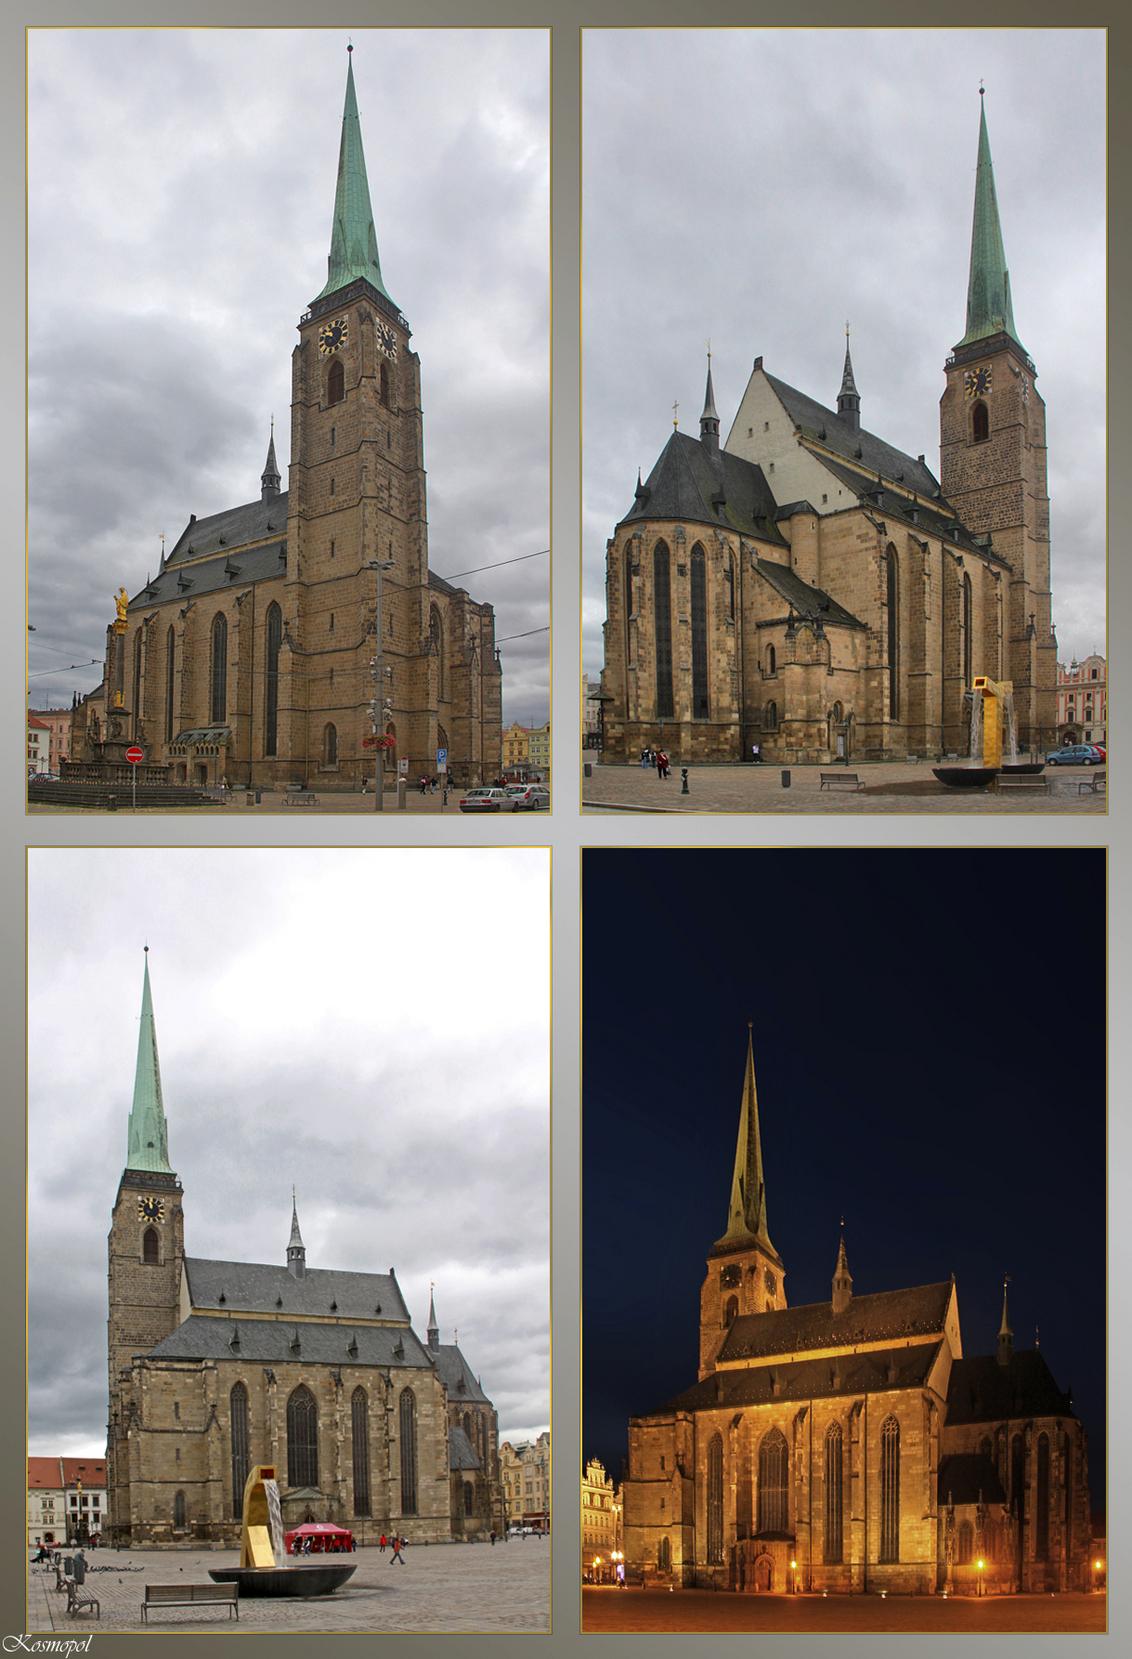 Plzen - De St. Bartholomeus-Kathedraal - Het marktplein in de stad Plzen ( Pilsen ) is werkelijk imposant. Niet helemaal in het centrum ervan, een beetje aan de noordkant is de prachtige St. - foto door kosmopol op 17-09-2011 - deze foto bevat: kathedraal, tsjechie, plzen, pilsen, kosmopol